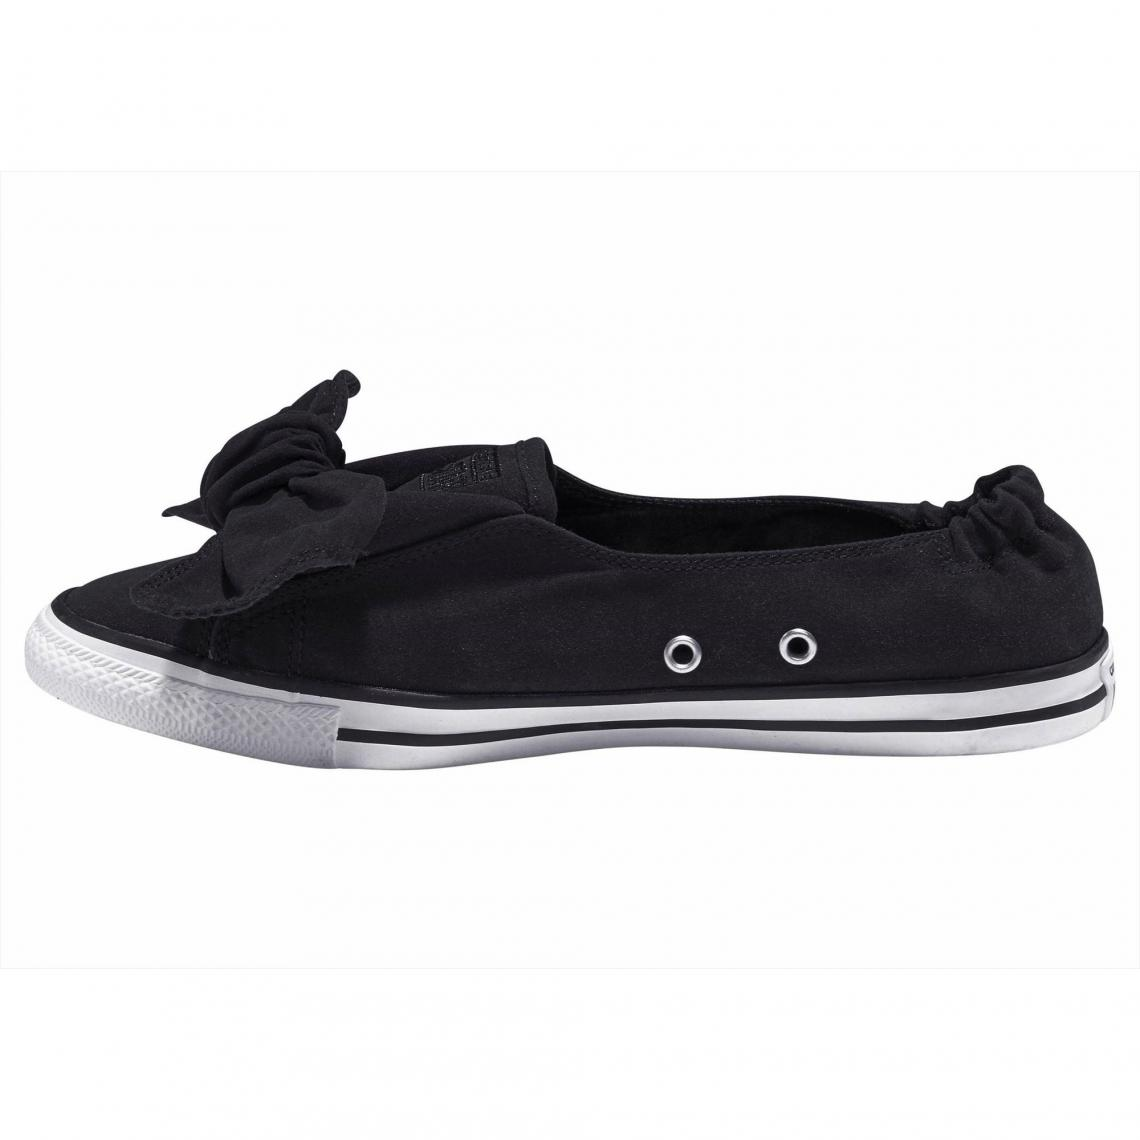 cf1cf12df36b2 Sneakers Converse Cliquez l image pour l agrandir. Ballerines nœud femme  Converse Taylor All Star Knot Ox - Noir Converse